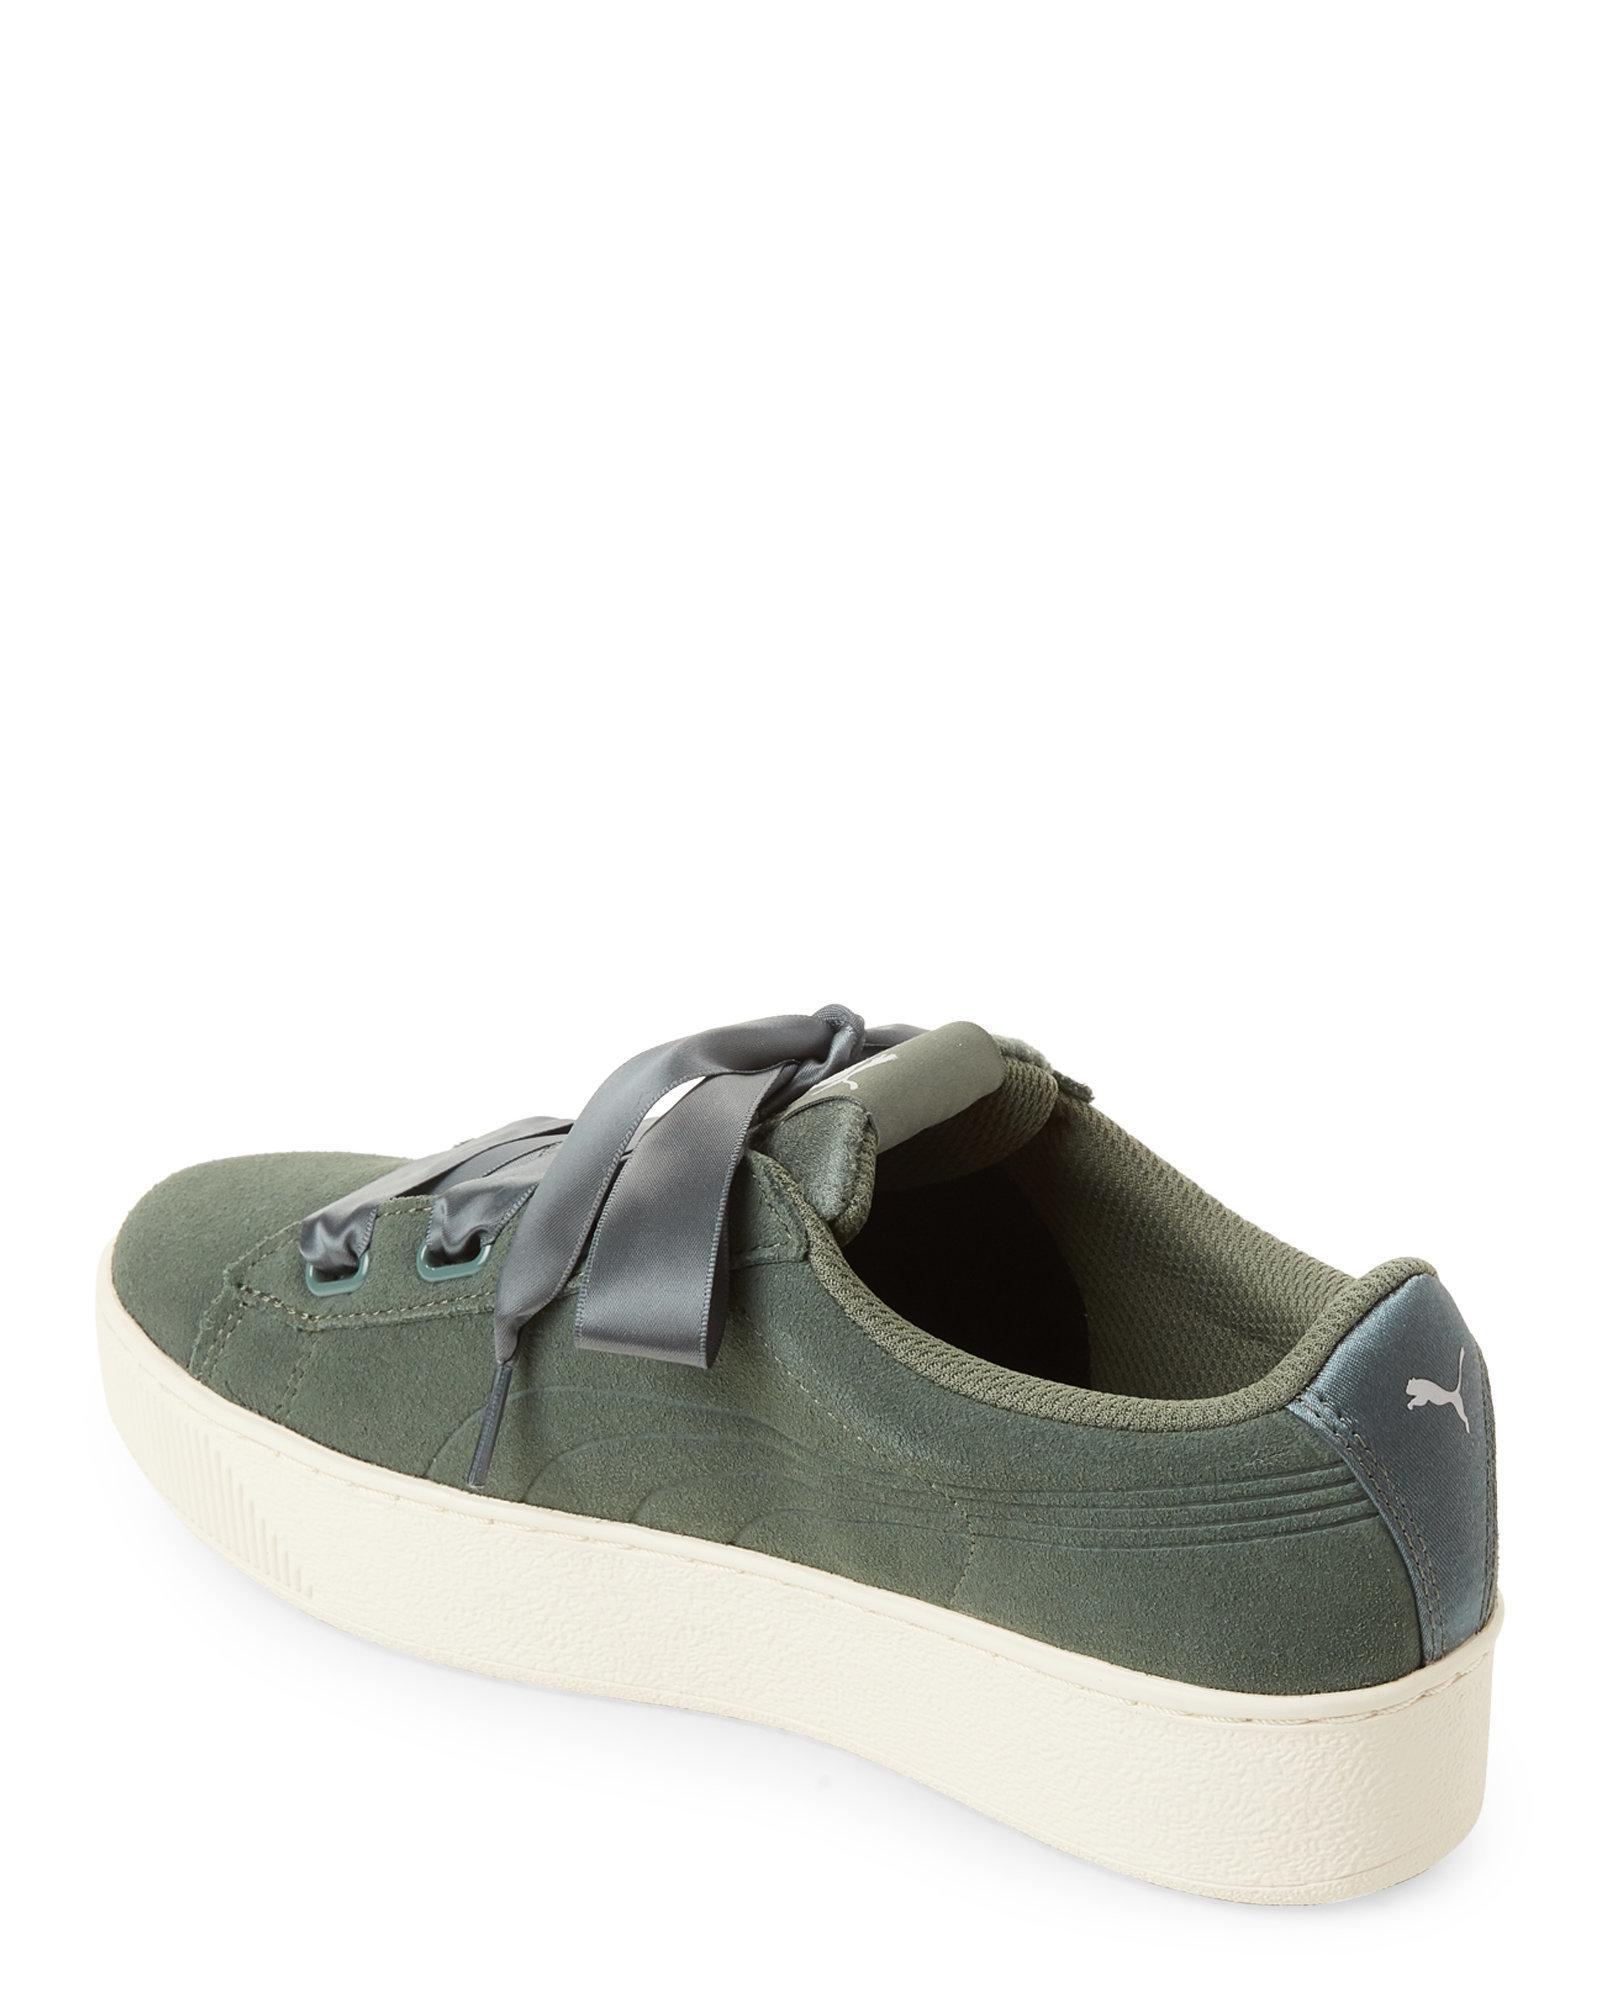 82ff9c73a9f PUMA - Multicolor Laurel Wreath Vikky Platform Sneakers - Lyst. View  fullscreen